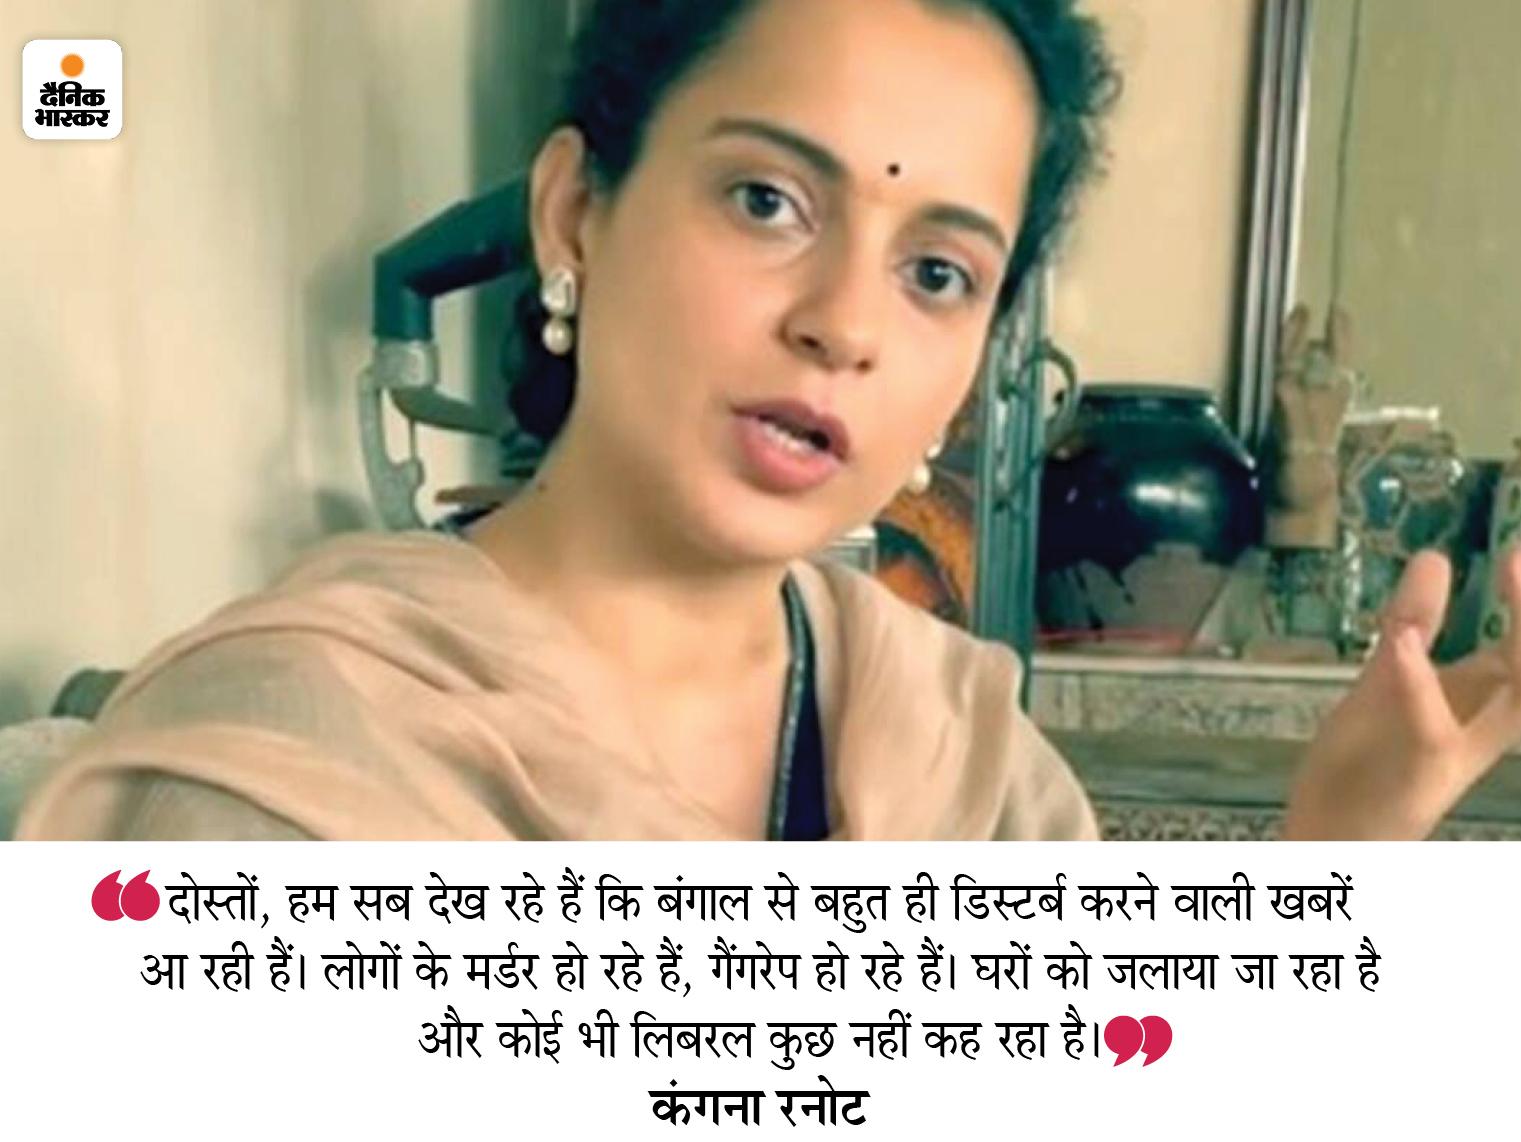 बंगाल चुनाव के बाद हिंसा पर कंगना ने ममता के लिए कहा था- वो रावण नहीं, खून की प्यासी ताड़का है|बॉलीवुड,Bollywood - Dainik Bhaskar